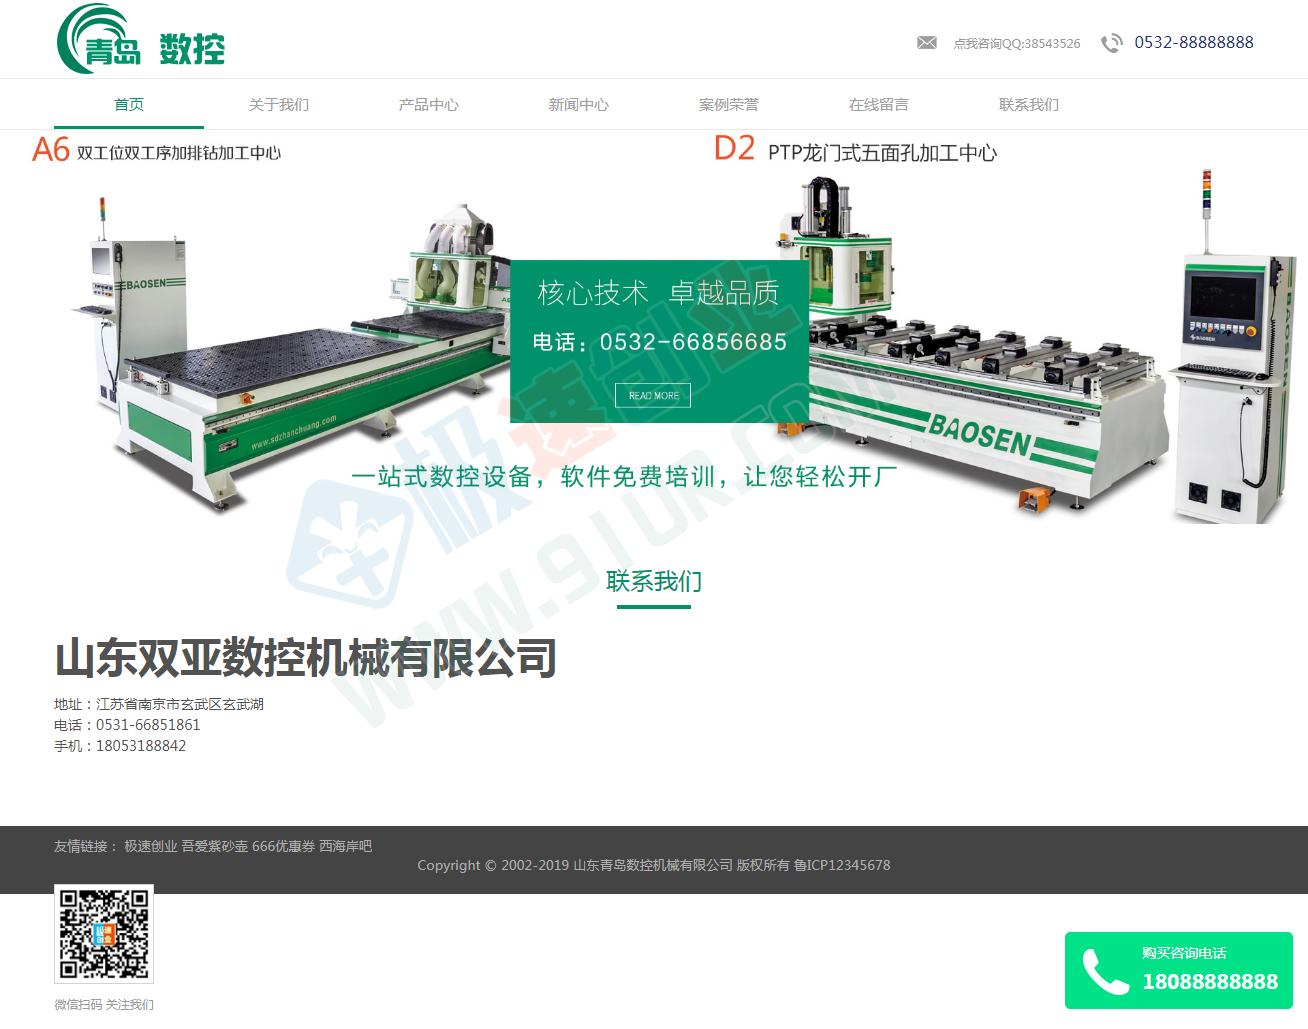 (自适应手机版)数控机械类网站帝国cms模板 HTML5机械车床加工网站源码下载-电脑版-联系我们